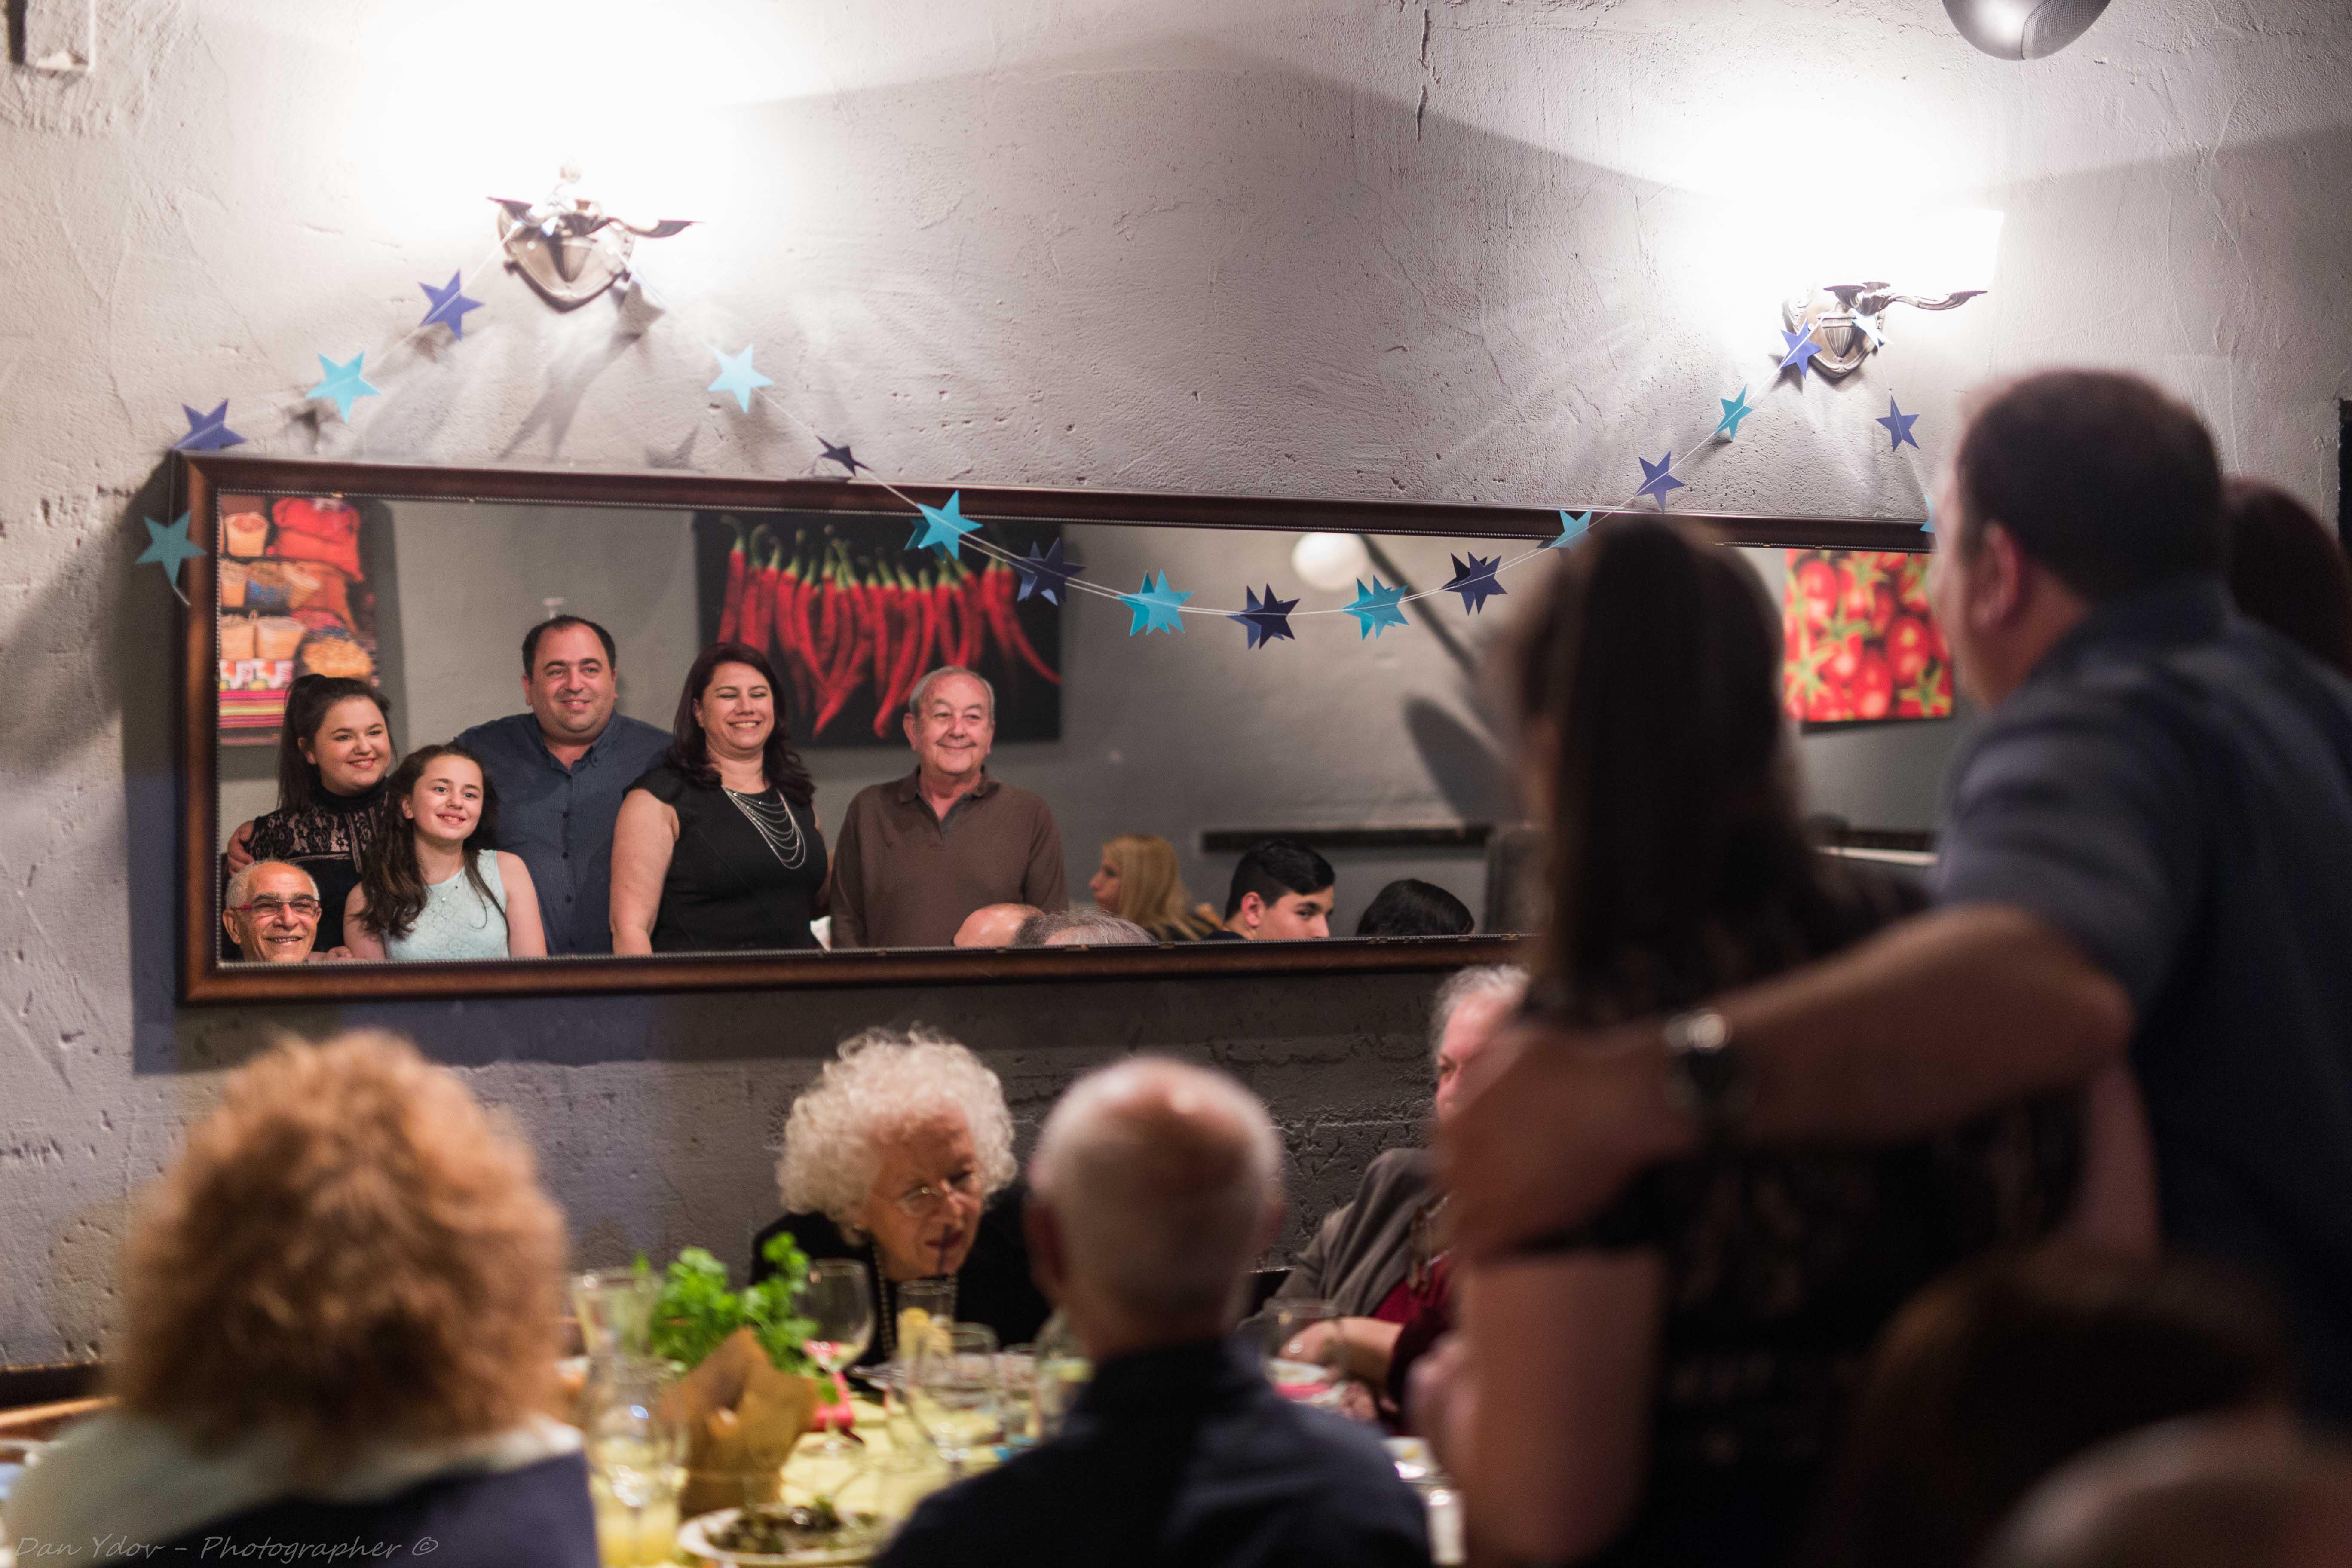 צילום אירועים במרכז, צילום בת מצוה